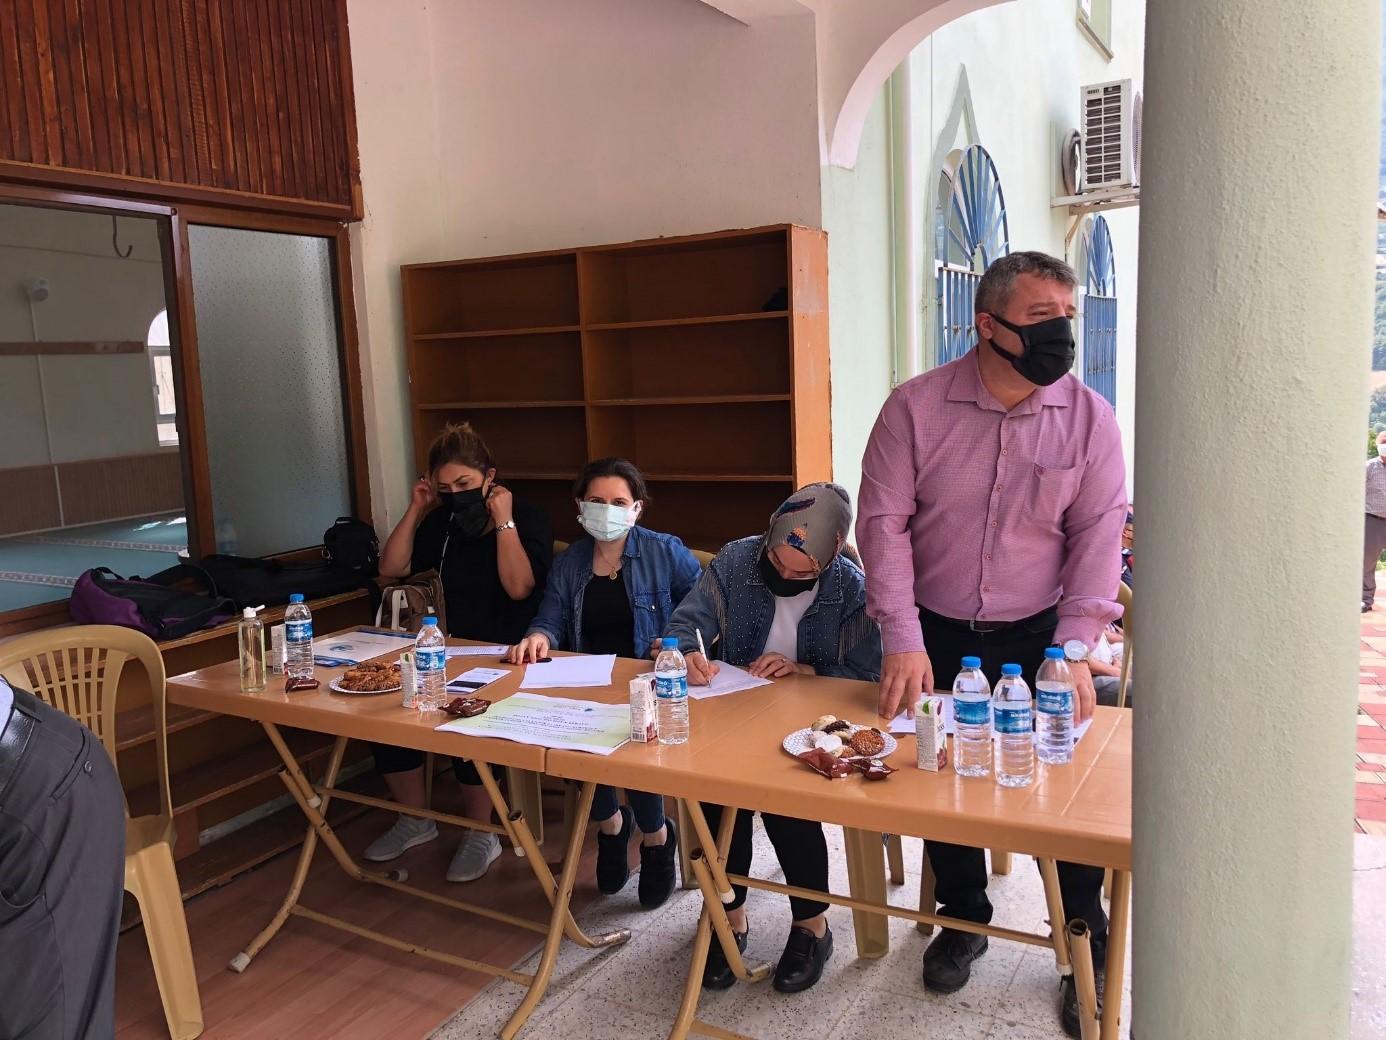 BAFRA'DA KALKER VE KET TESİSİ İLE İLGİLİ HALKIN KATILIM TOPLANTISI GERÇEKLEŞTİRİLDİ